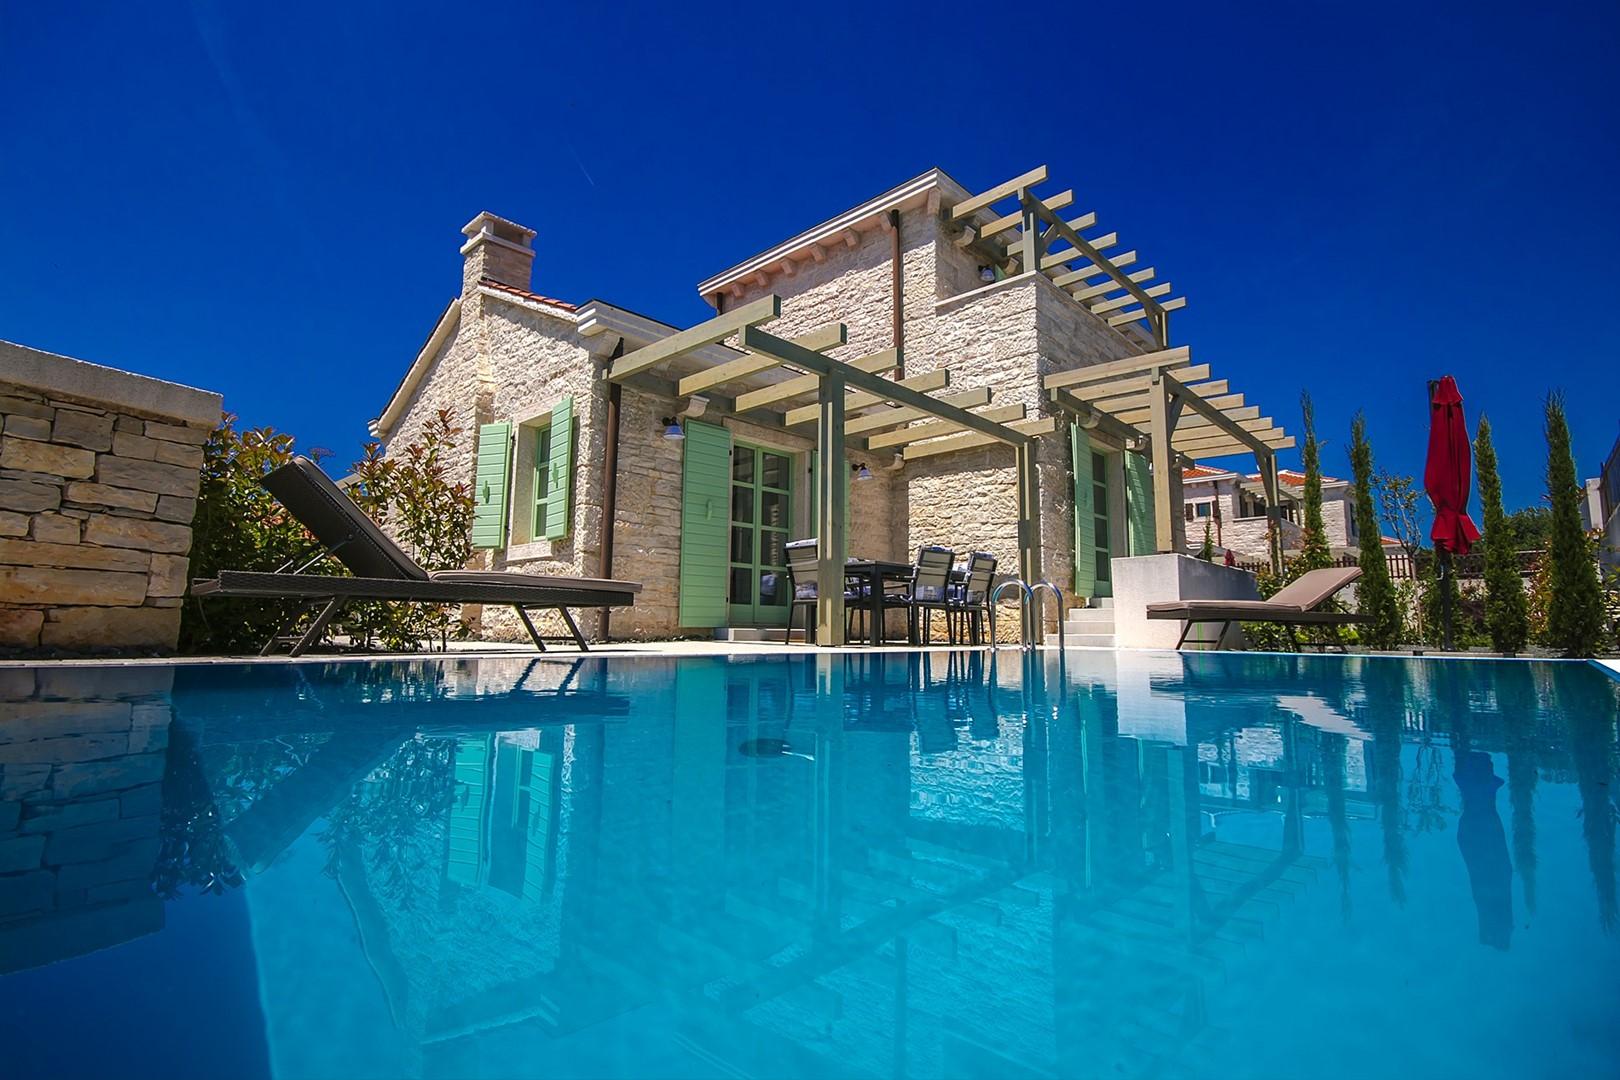 Traumhafte Villa umgeben von herrlicher grüner Vegetation und mediterranen Pflanzen